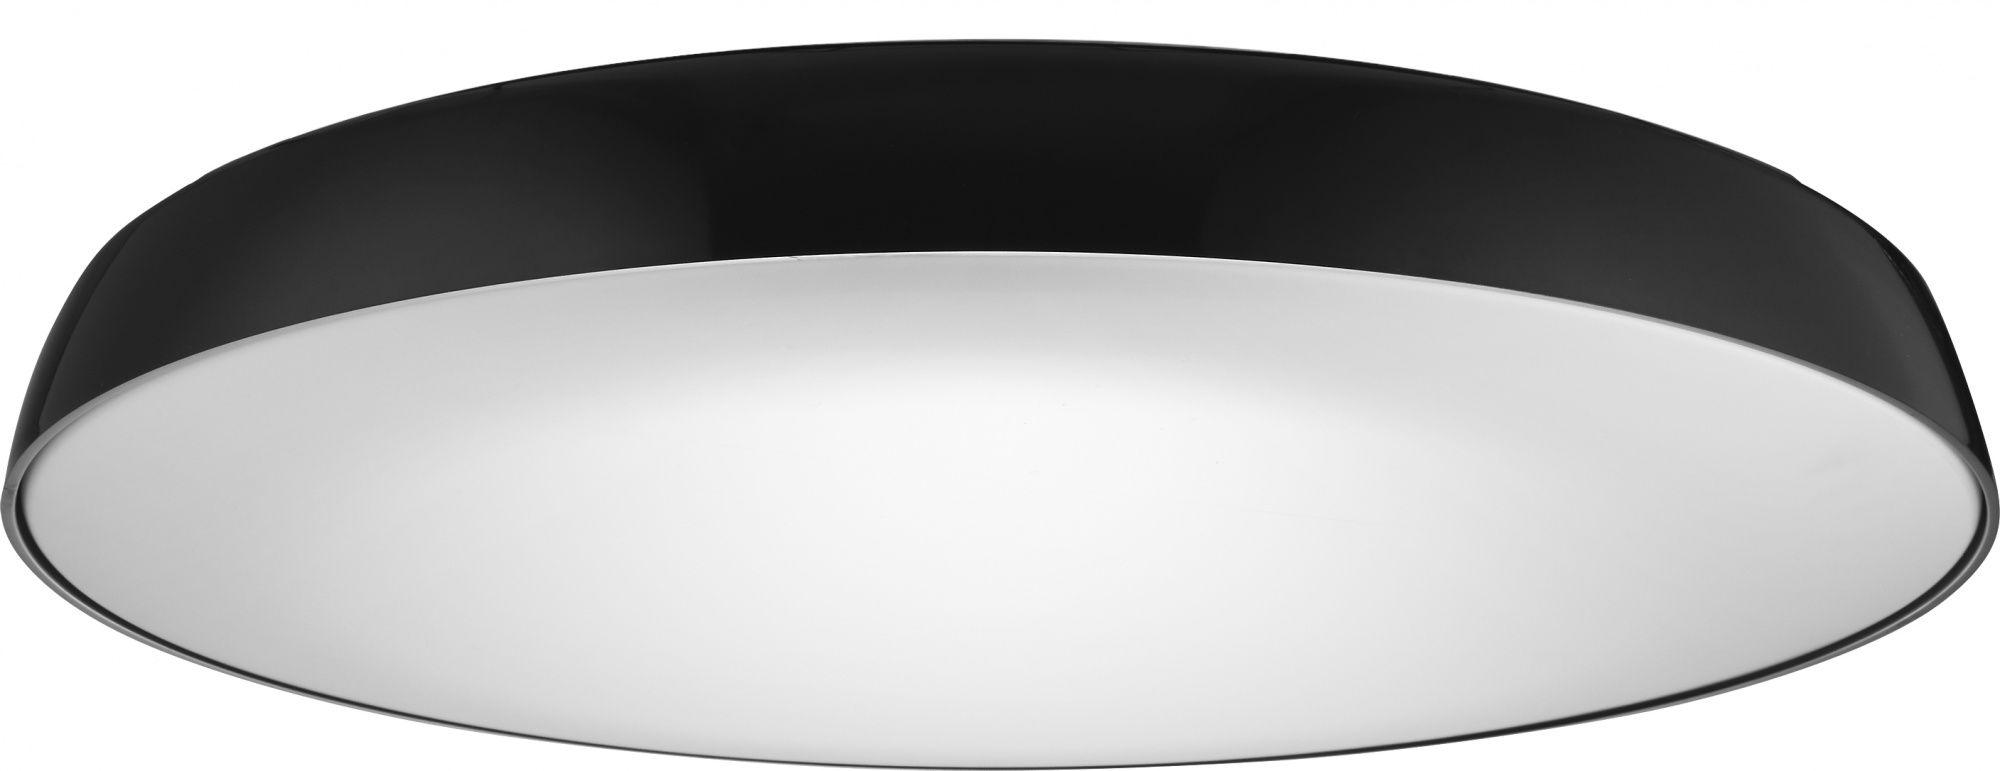 Plafon Cortona 41 AZzardo nowoczesna oprawa w kolorze czarnym